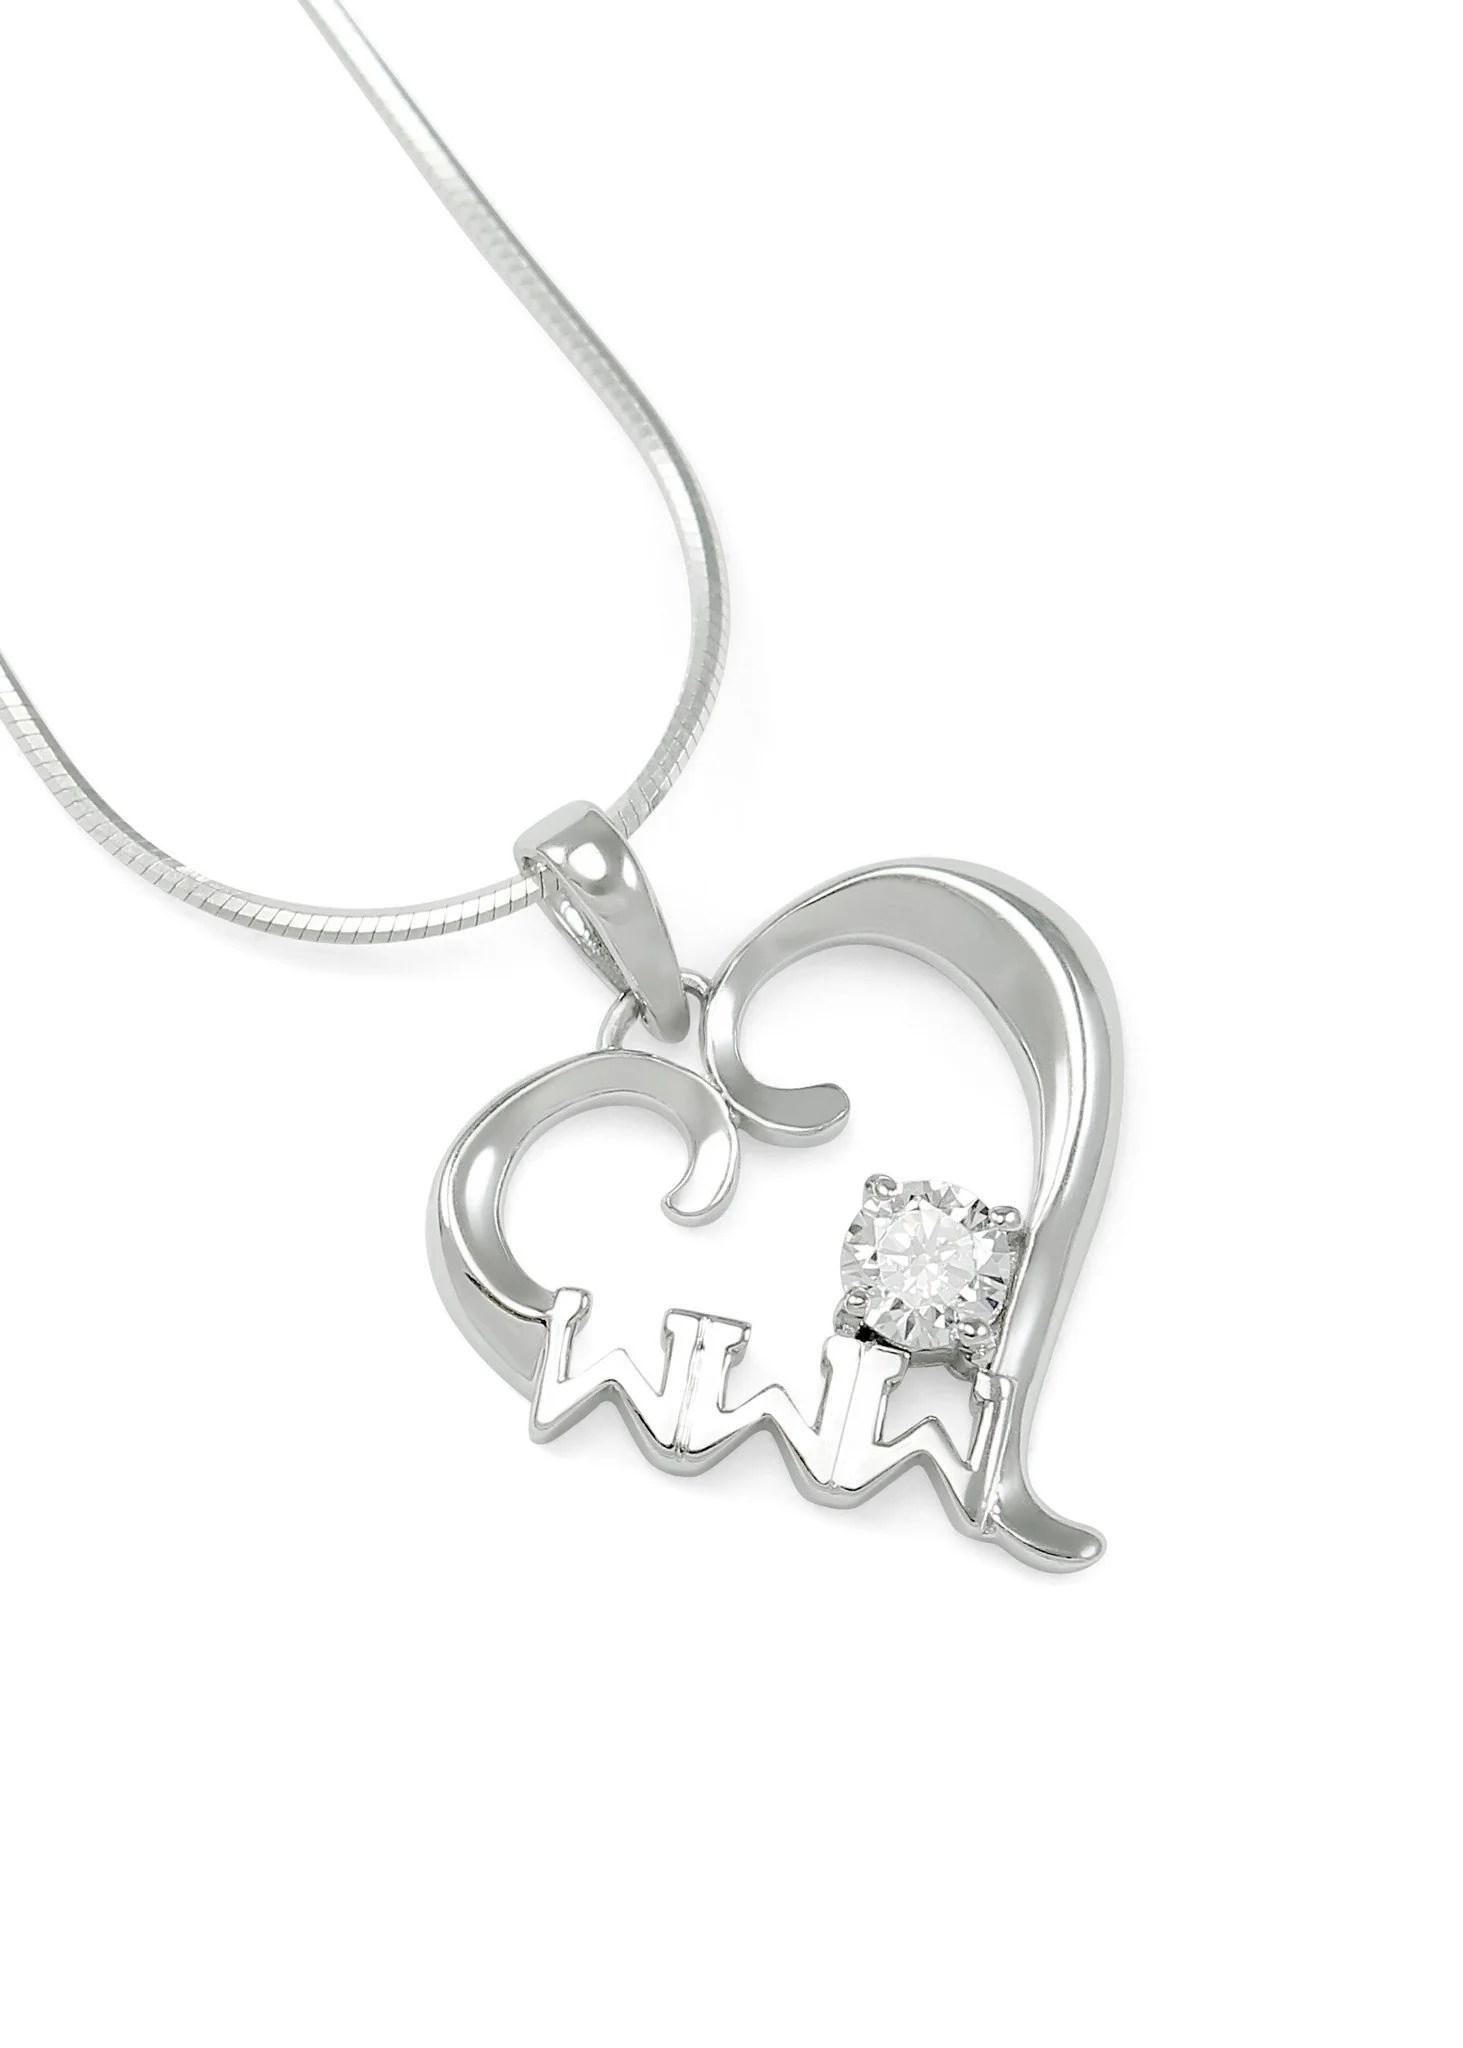 Tri Sigma Letters : sigma, letters, Sigma, Necklace, Sterling, Silver, Heart, Pendant, Collegiate, Standard